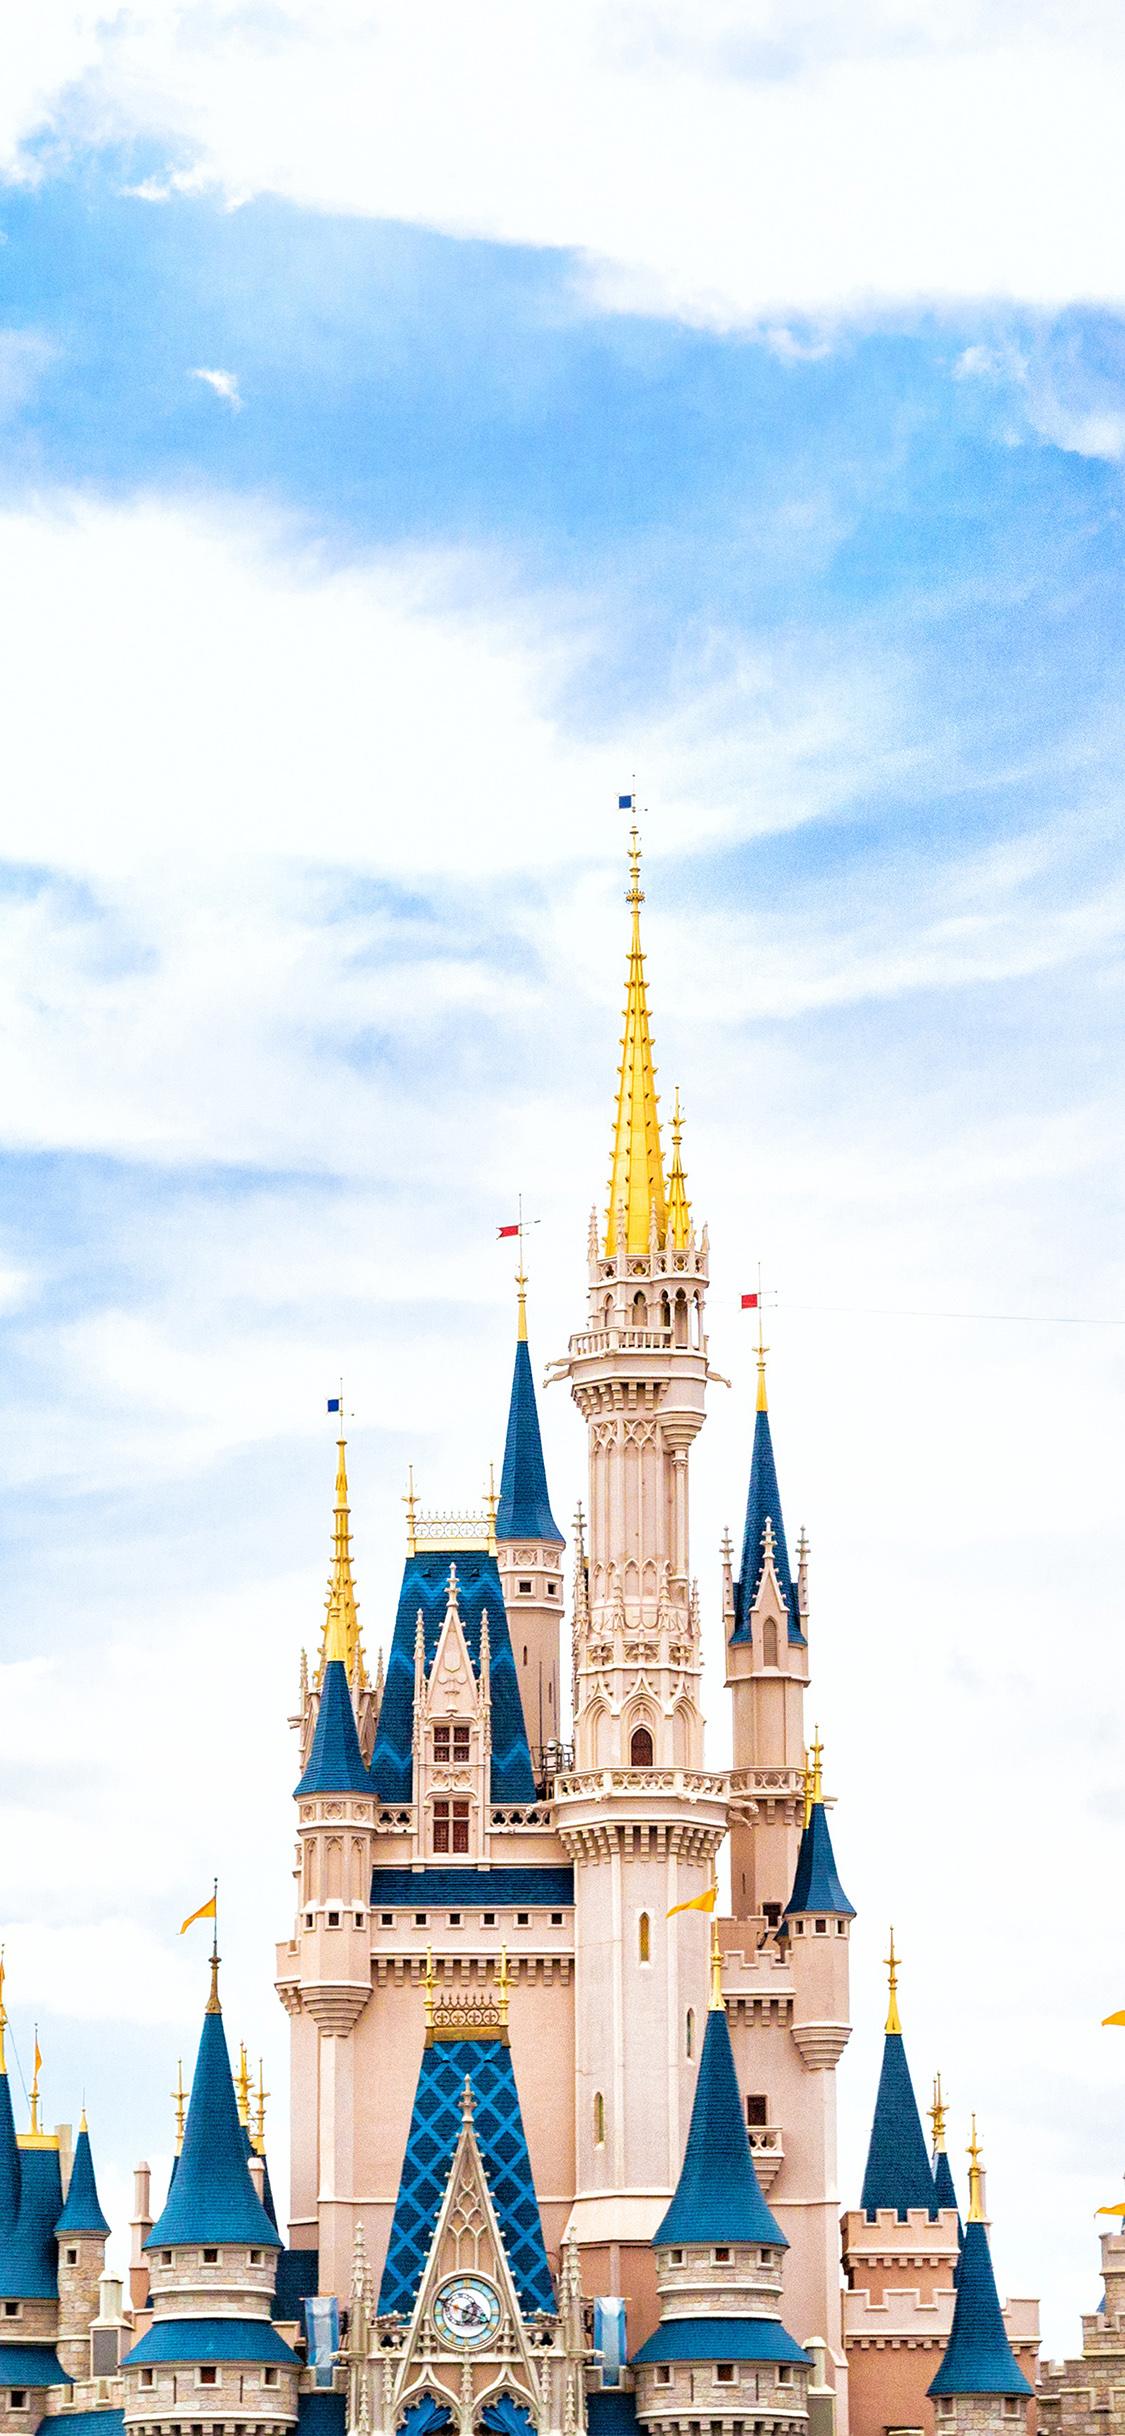 nn96-disney-world-castle-sky-wallpaper